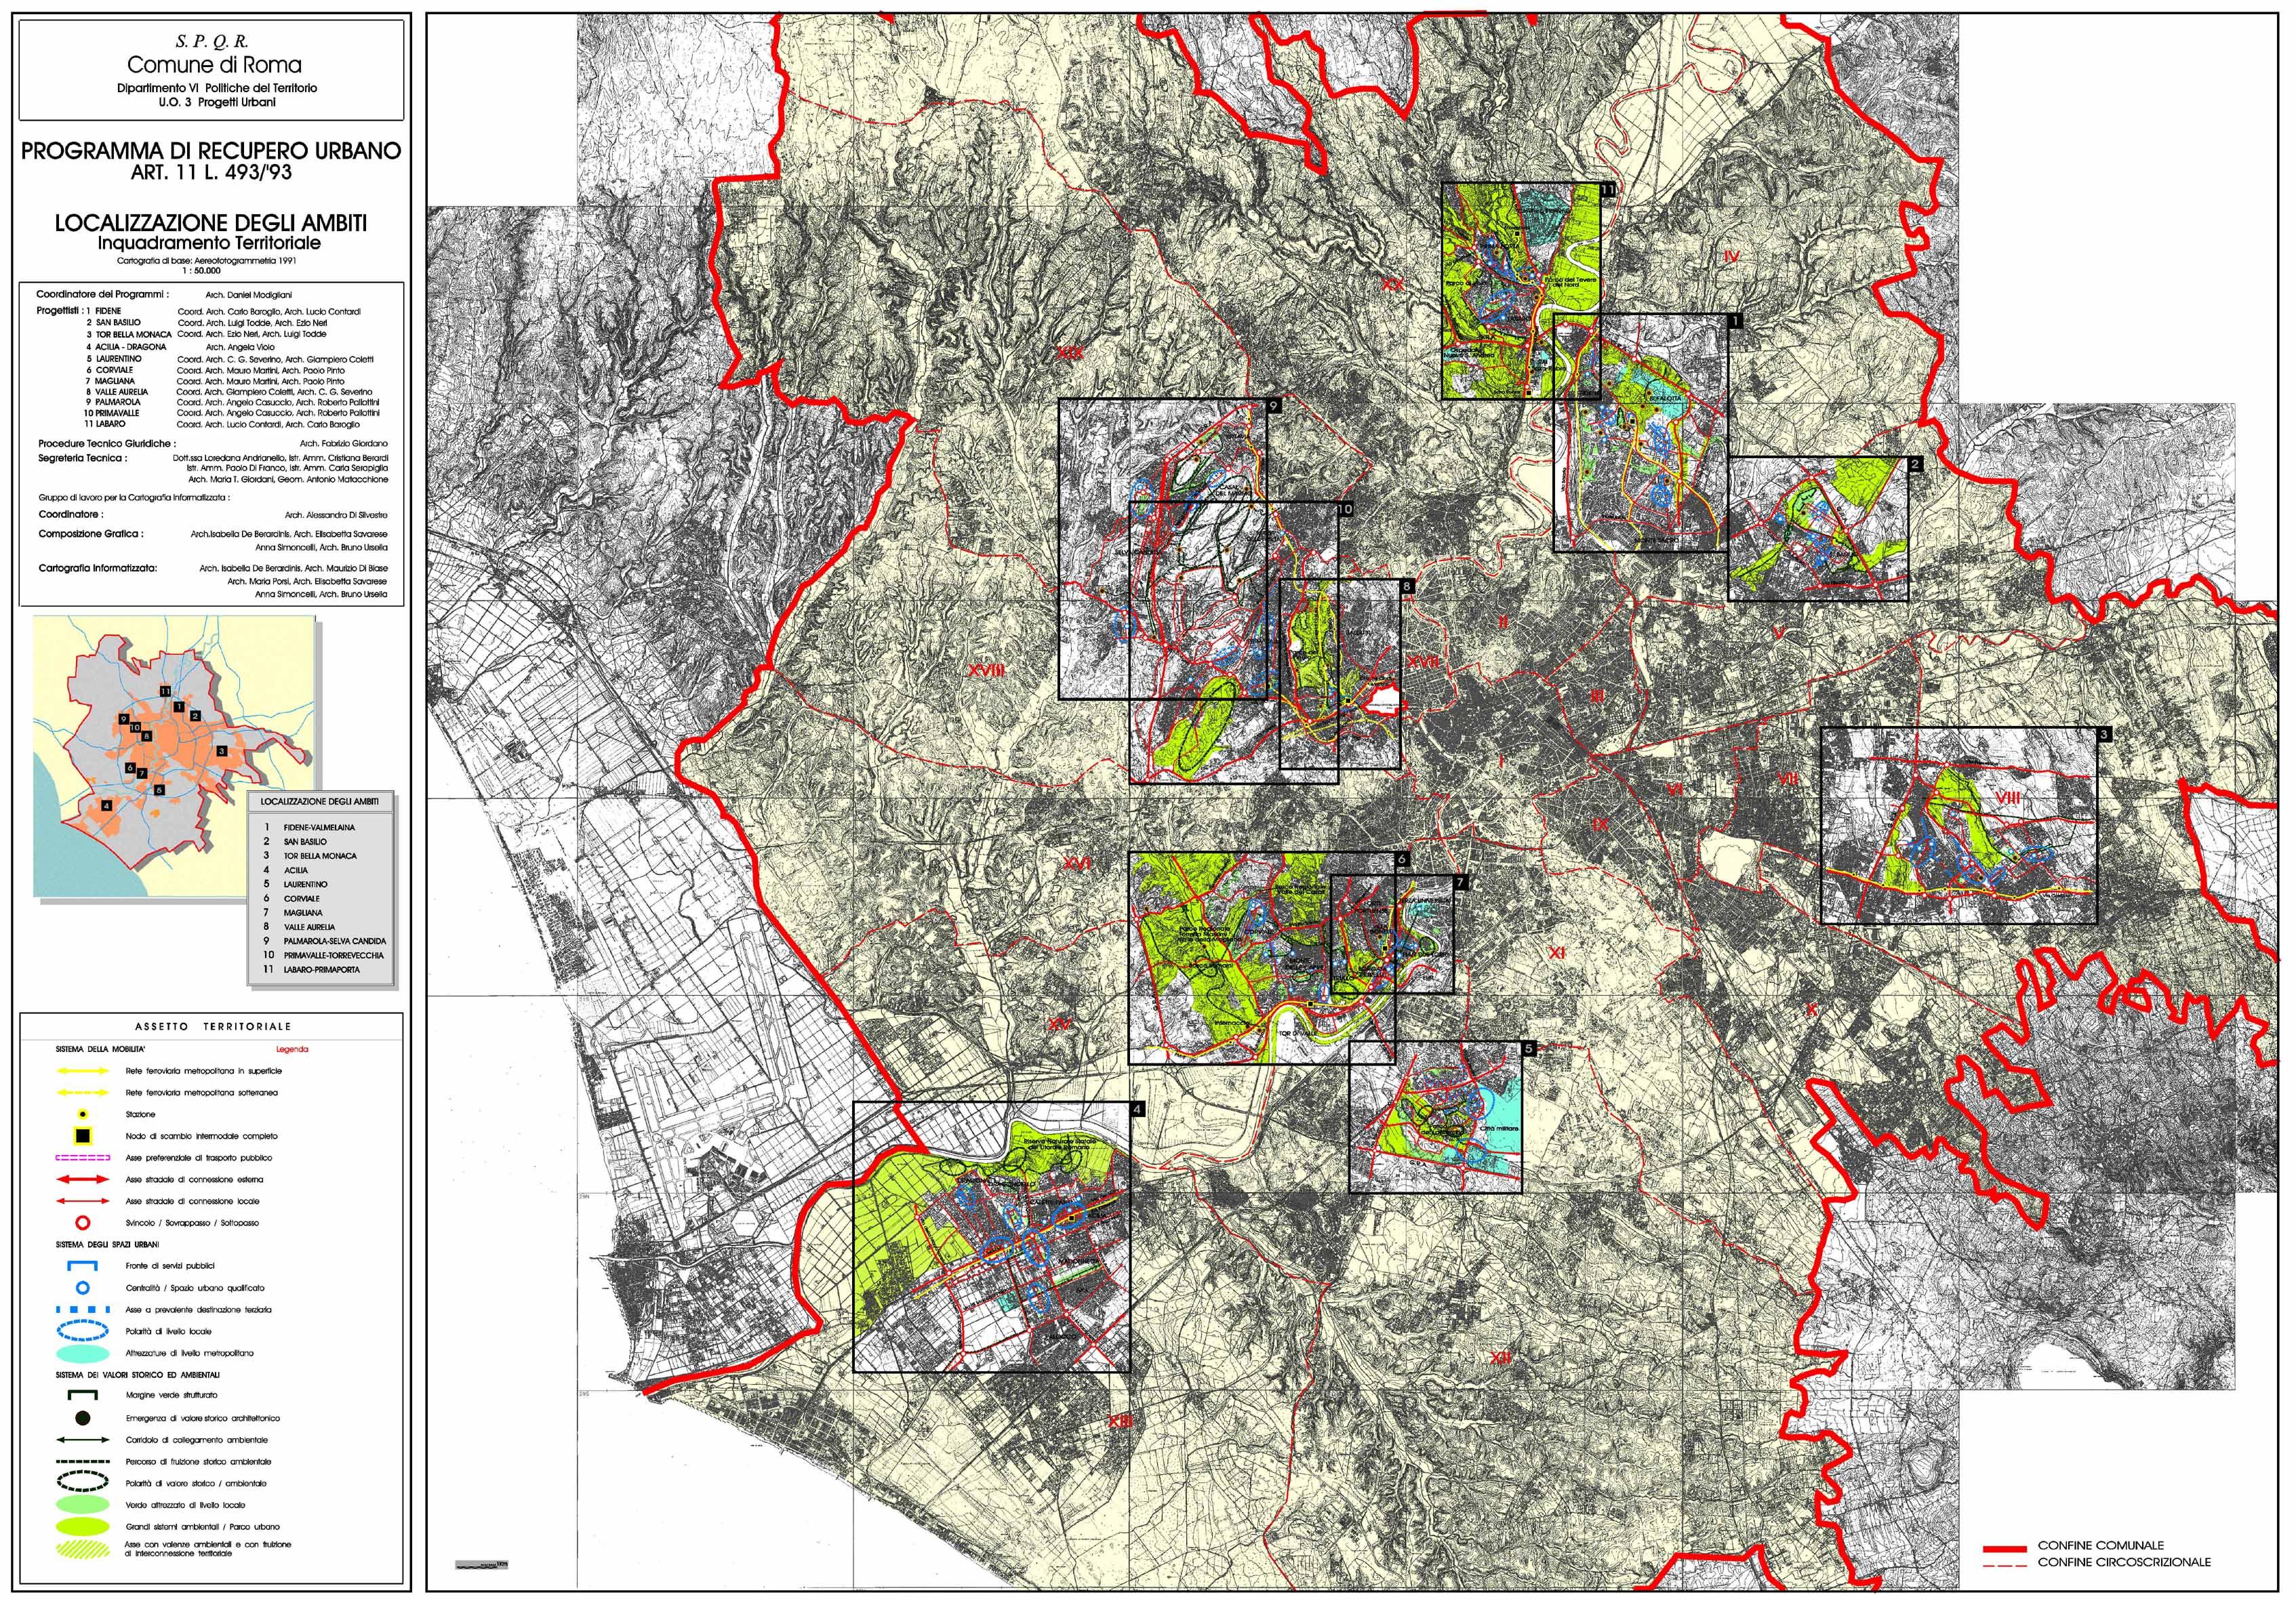 121 ufficio decoro urbano comune di roma le 50 citt pi for Ufficio decoro urbano roma